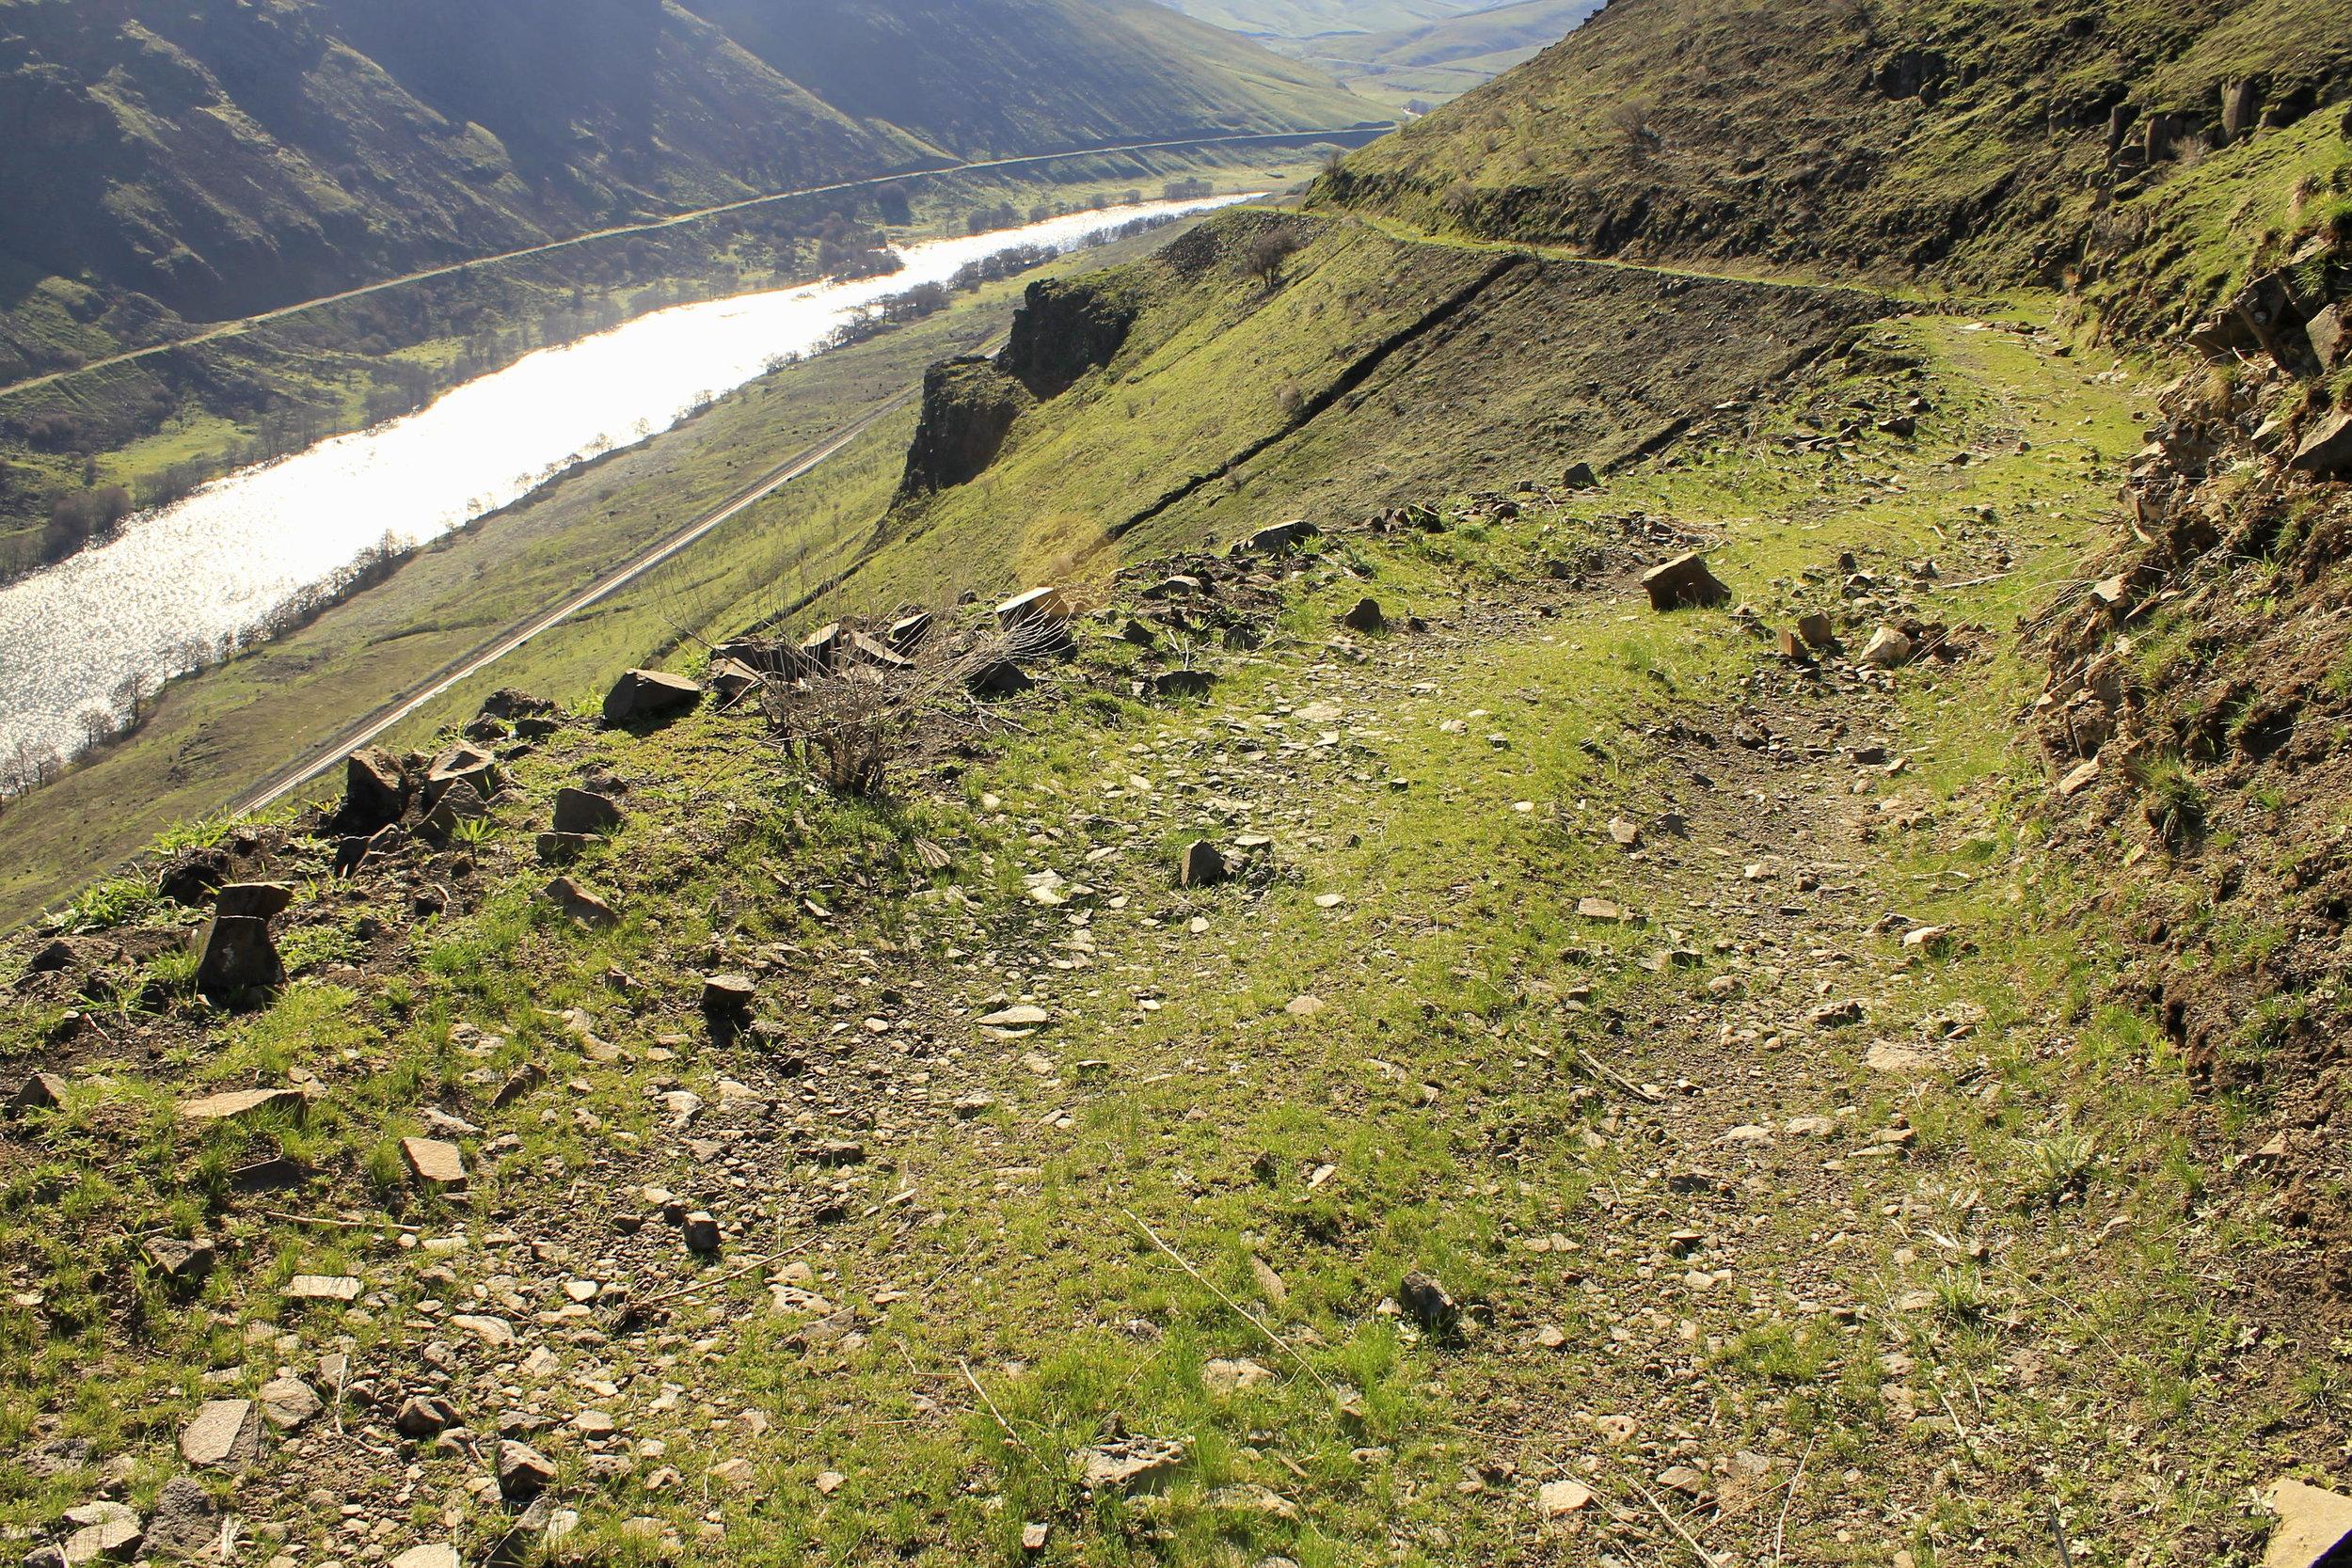 Free Bridge Road and the Deschutes River